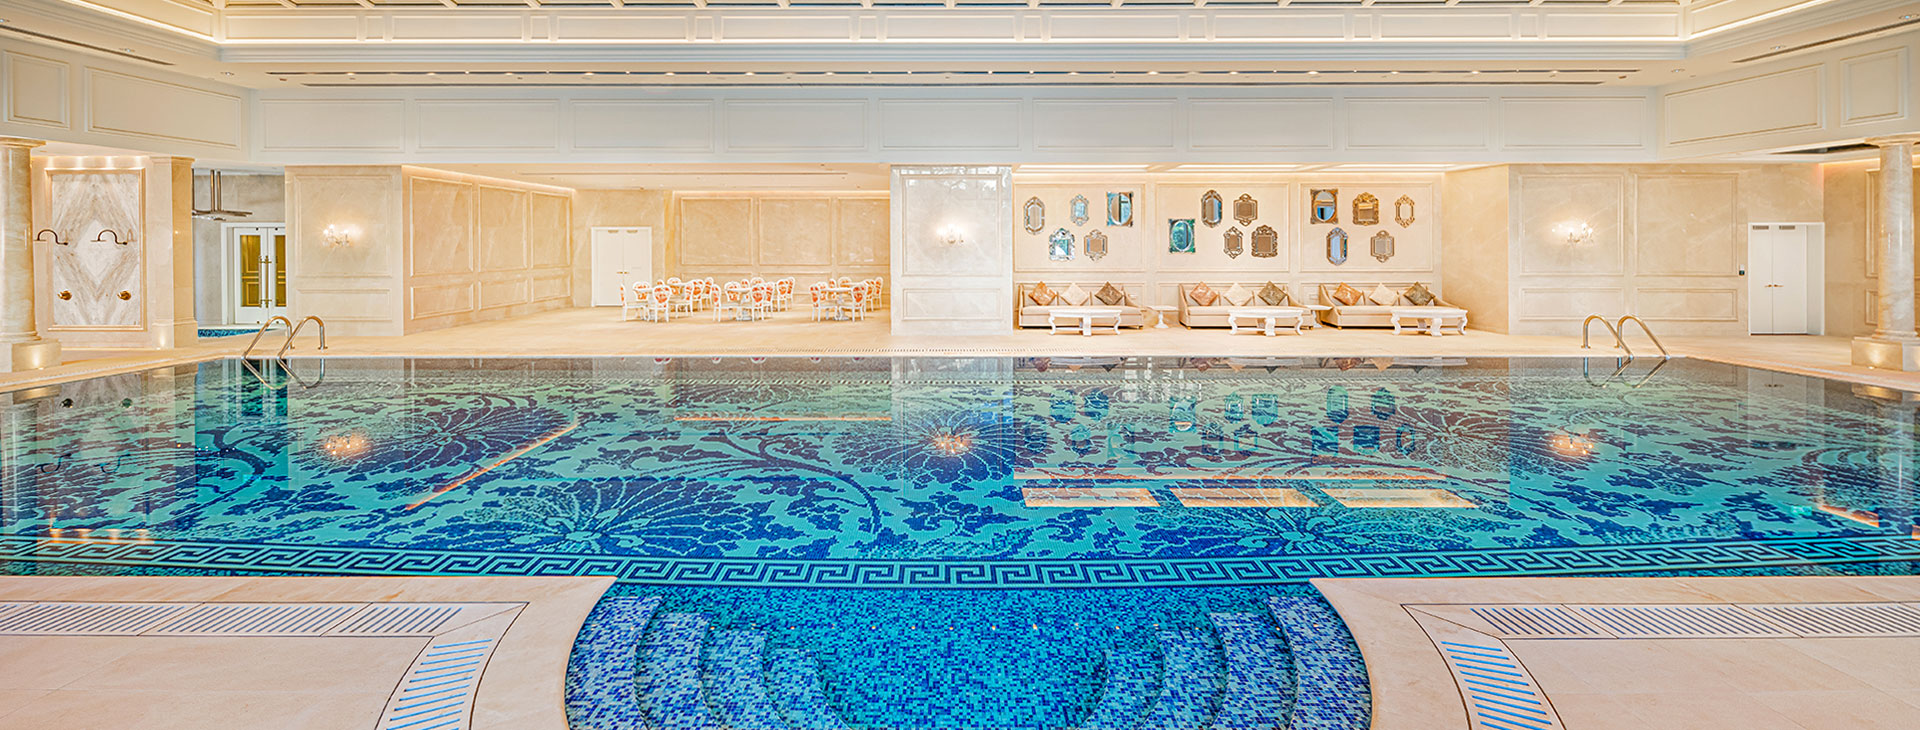 Grand Lisboa Palace Macau indoor pool